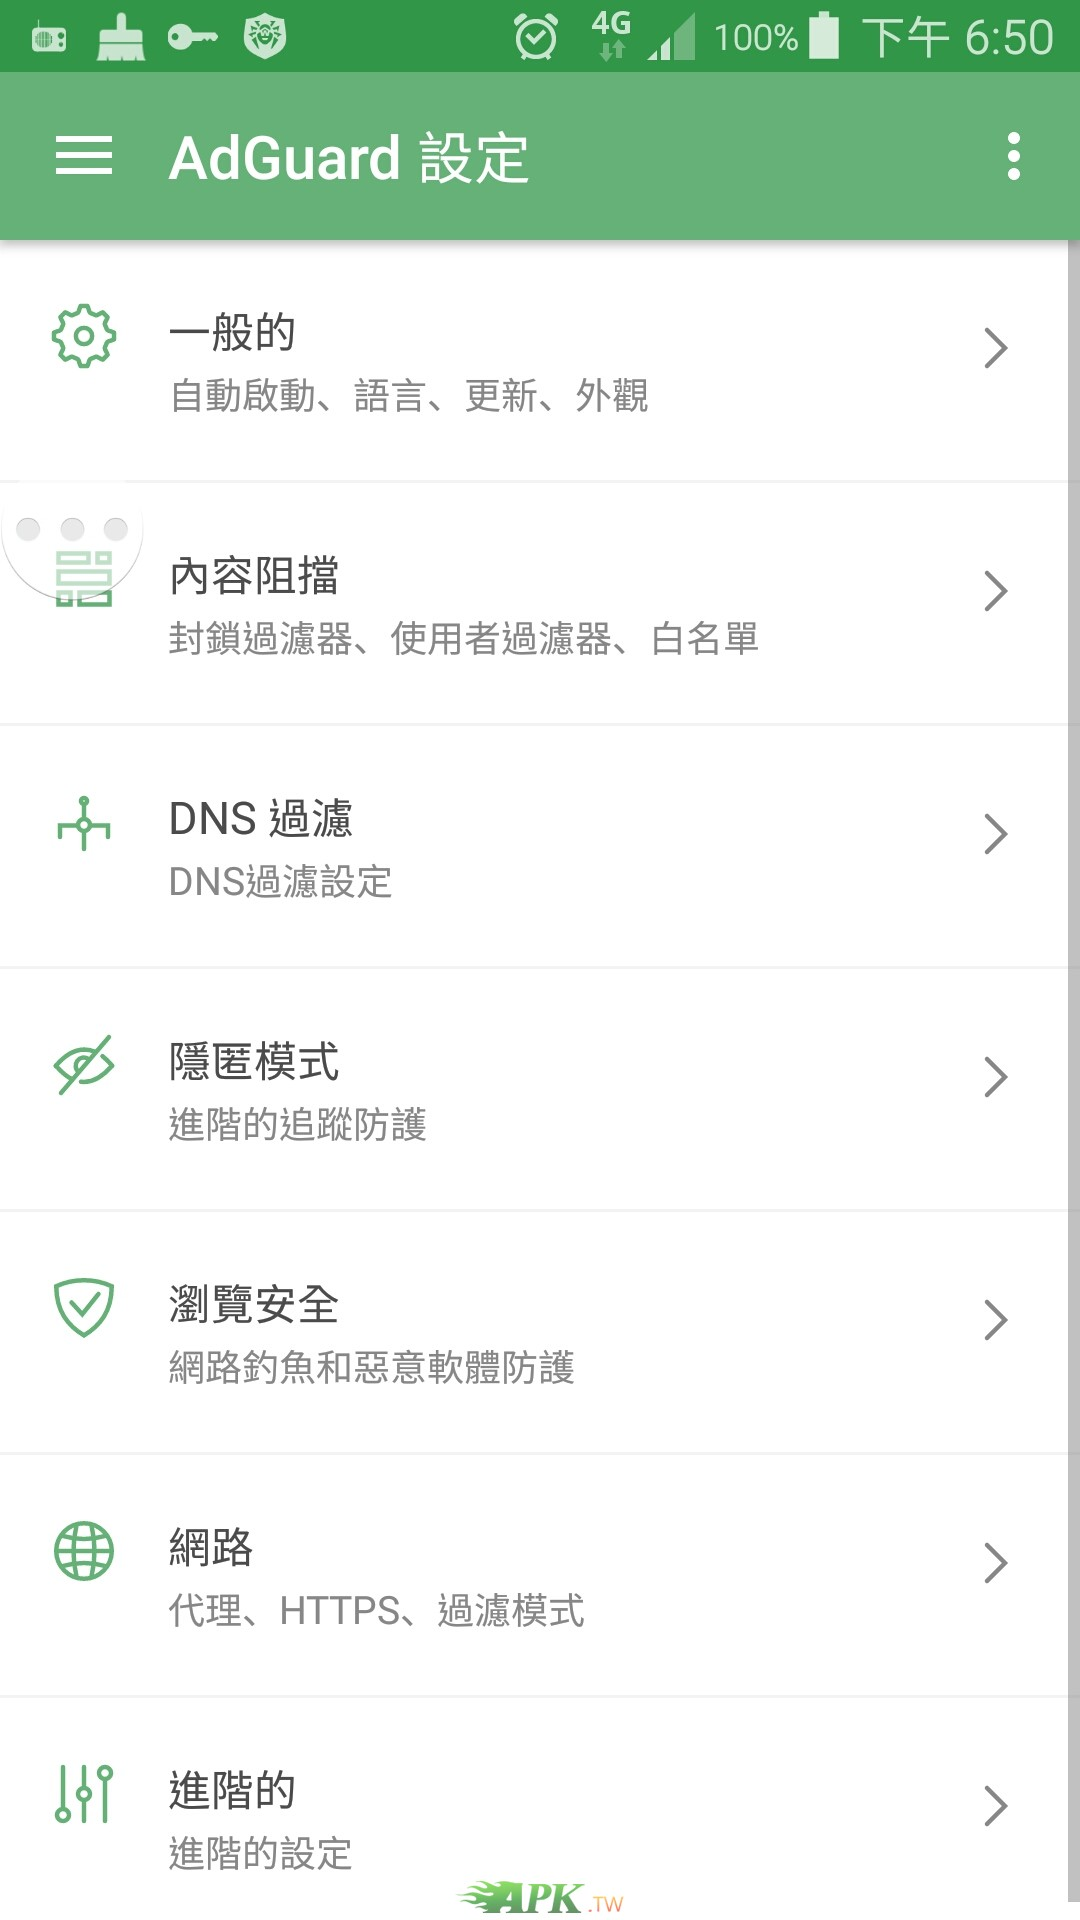 screenshot_20190519_185047.jpg